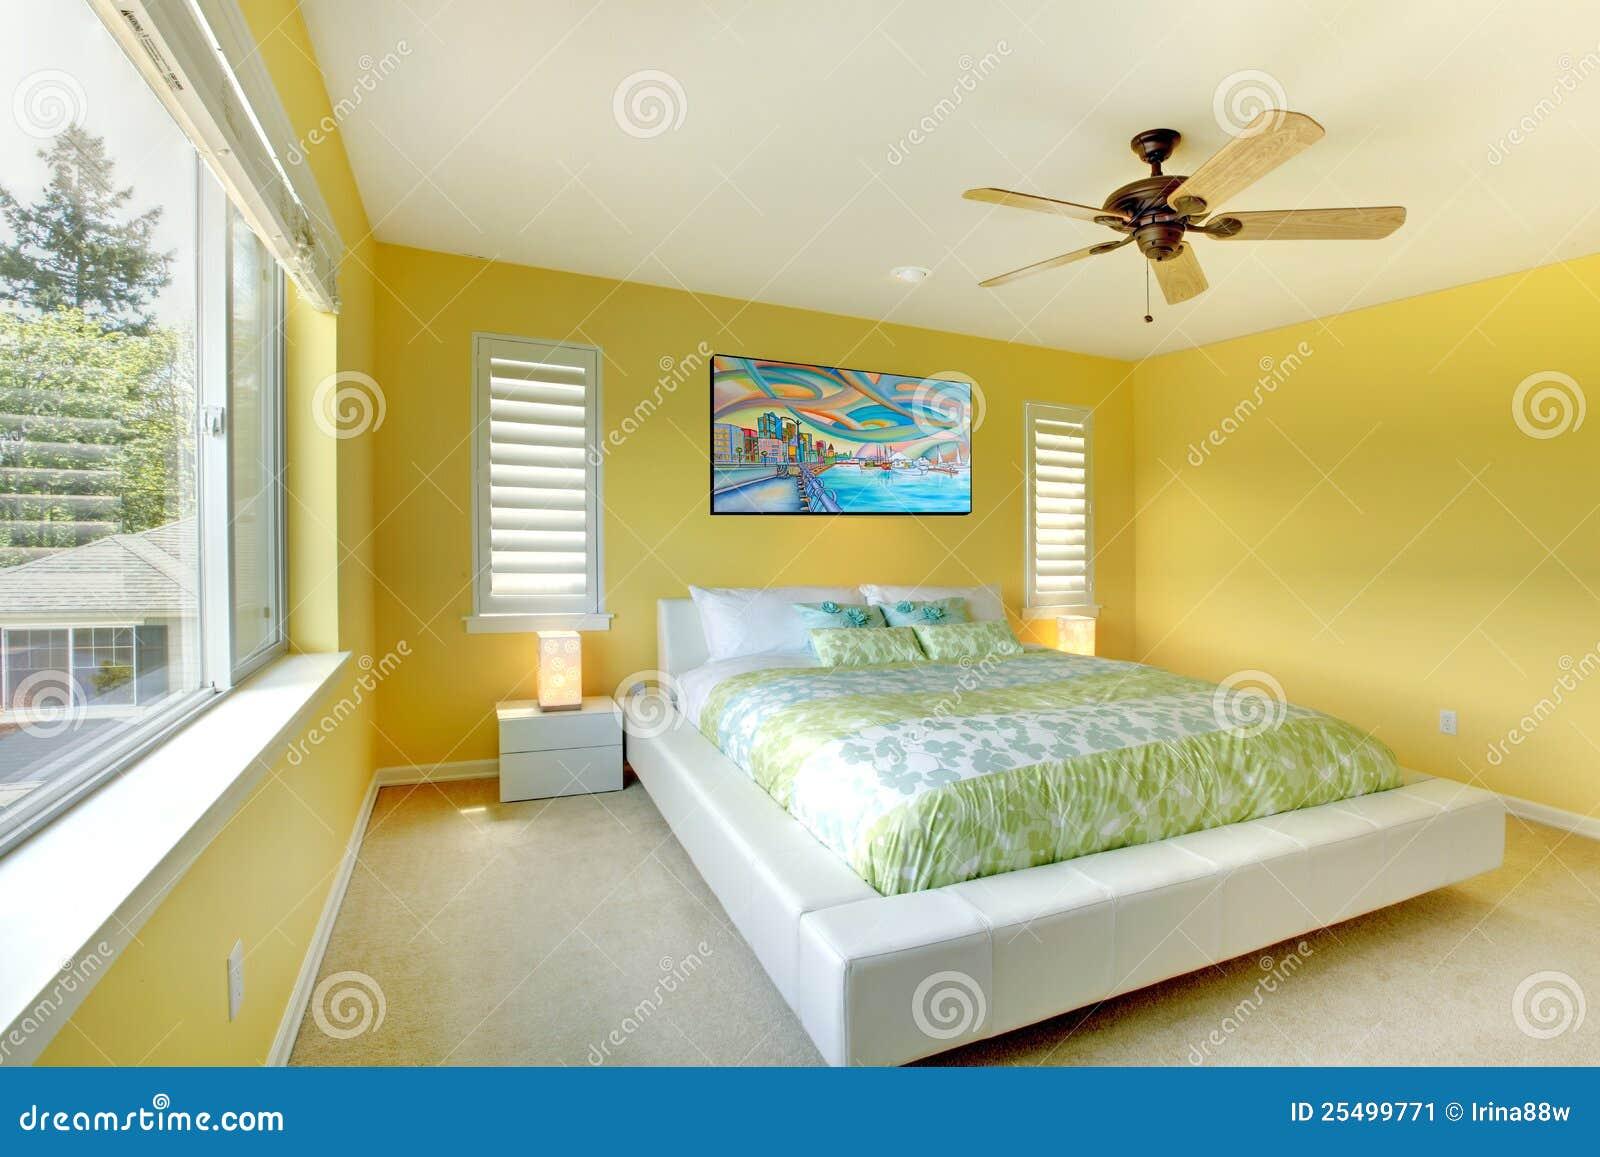 Camera da letto moderna gialla con la base bianca - Camera da letto laccata bianca ...